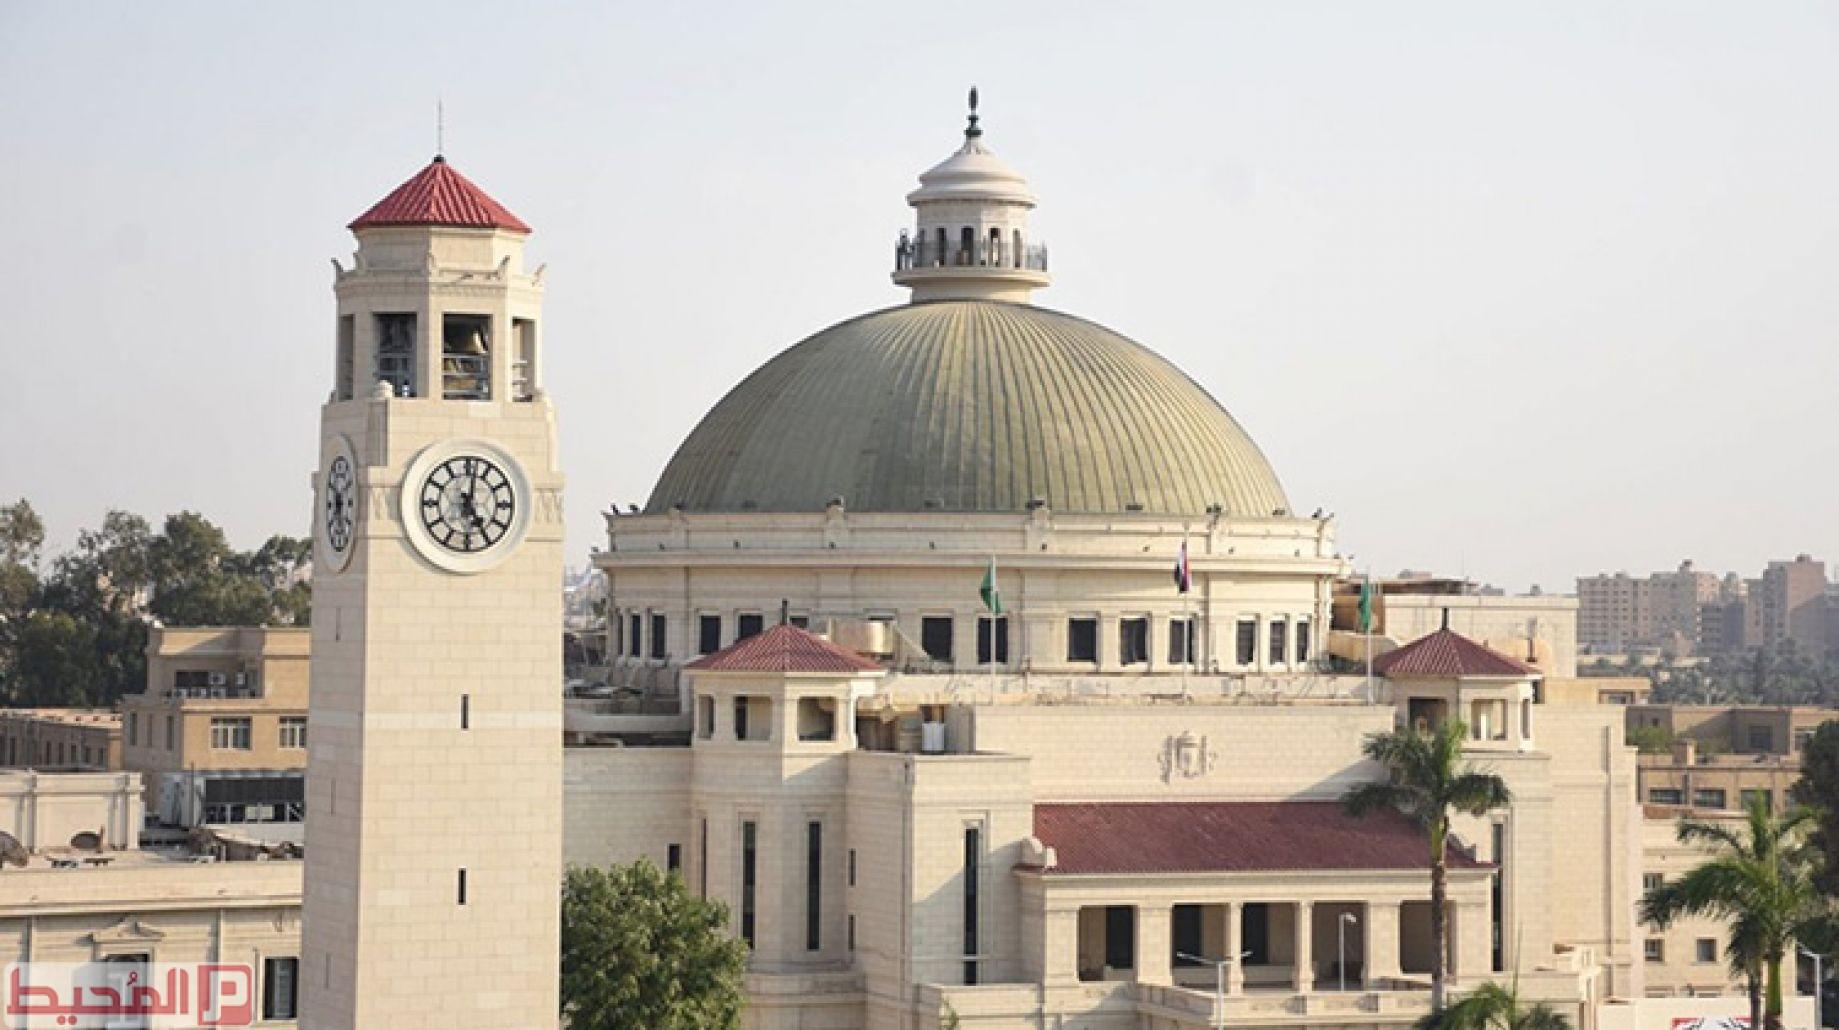 متى تم إنشاء أول جامعة مصرية.. إجابة سؤال الحلقة 22 في مسابقة مهيب ورزان في رمضان 2021 3